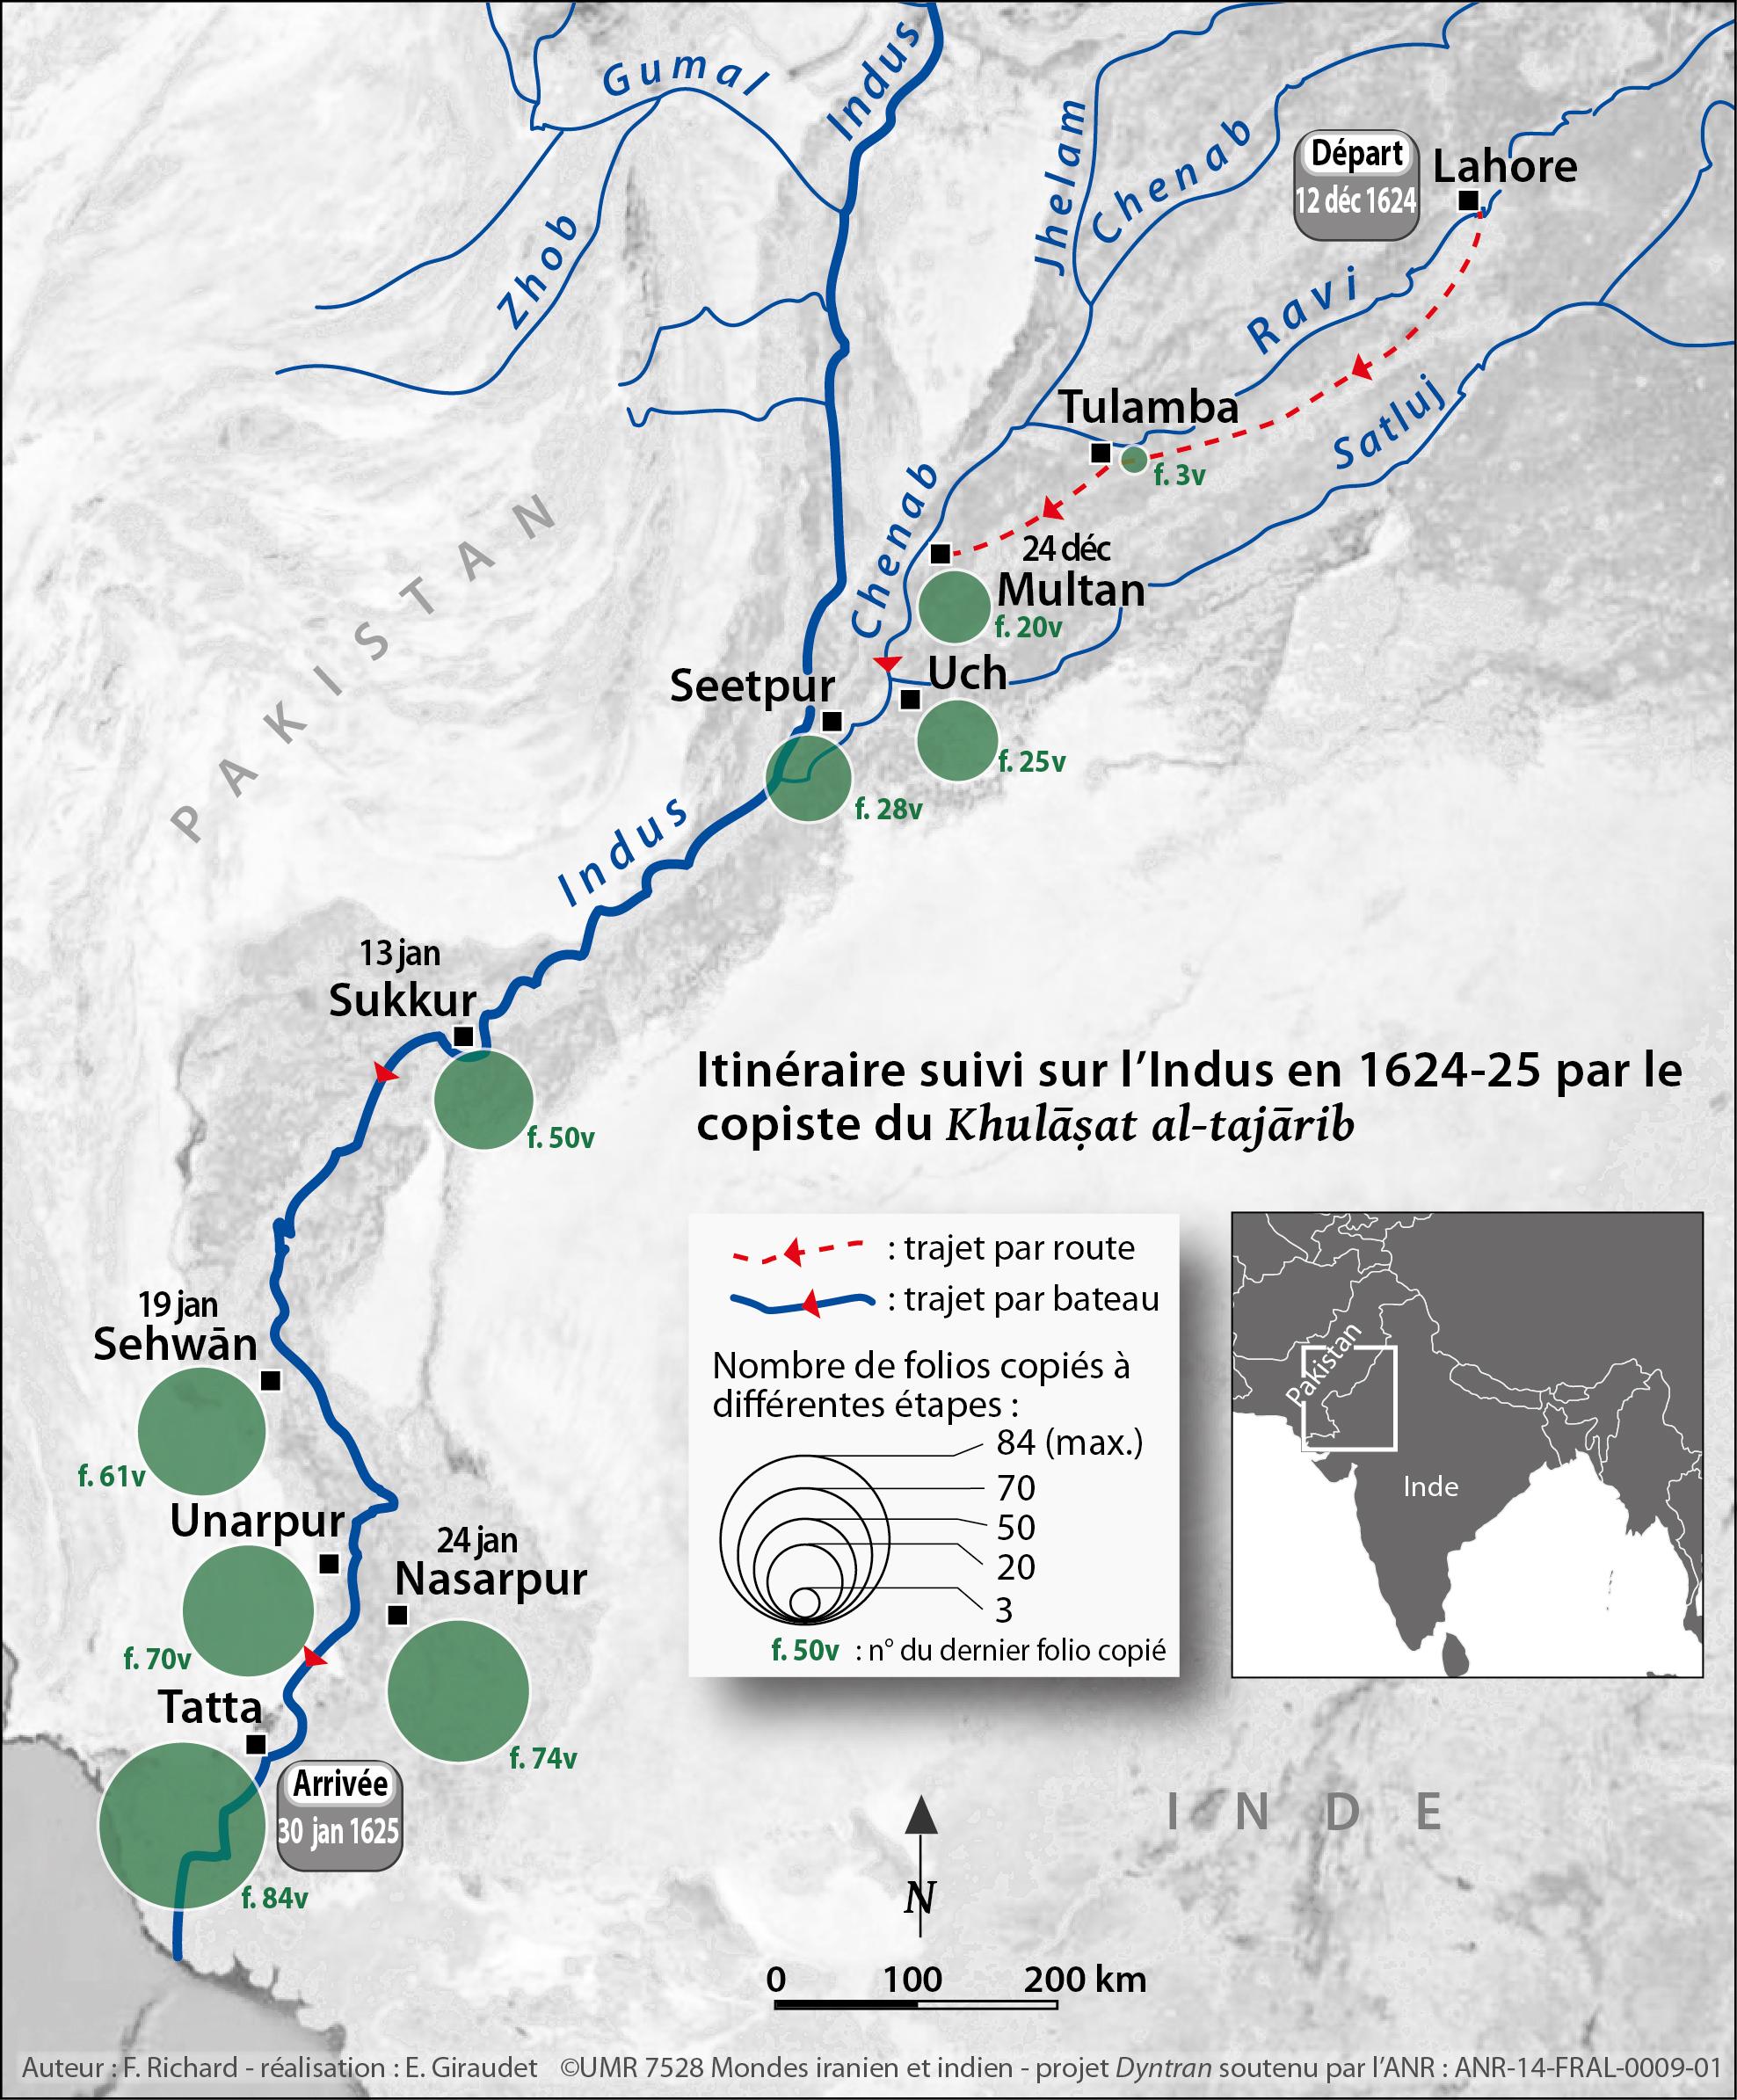 MMS-Indus-b copie